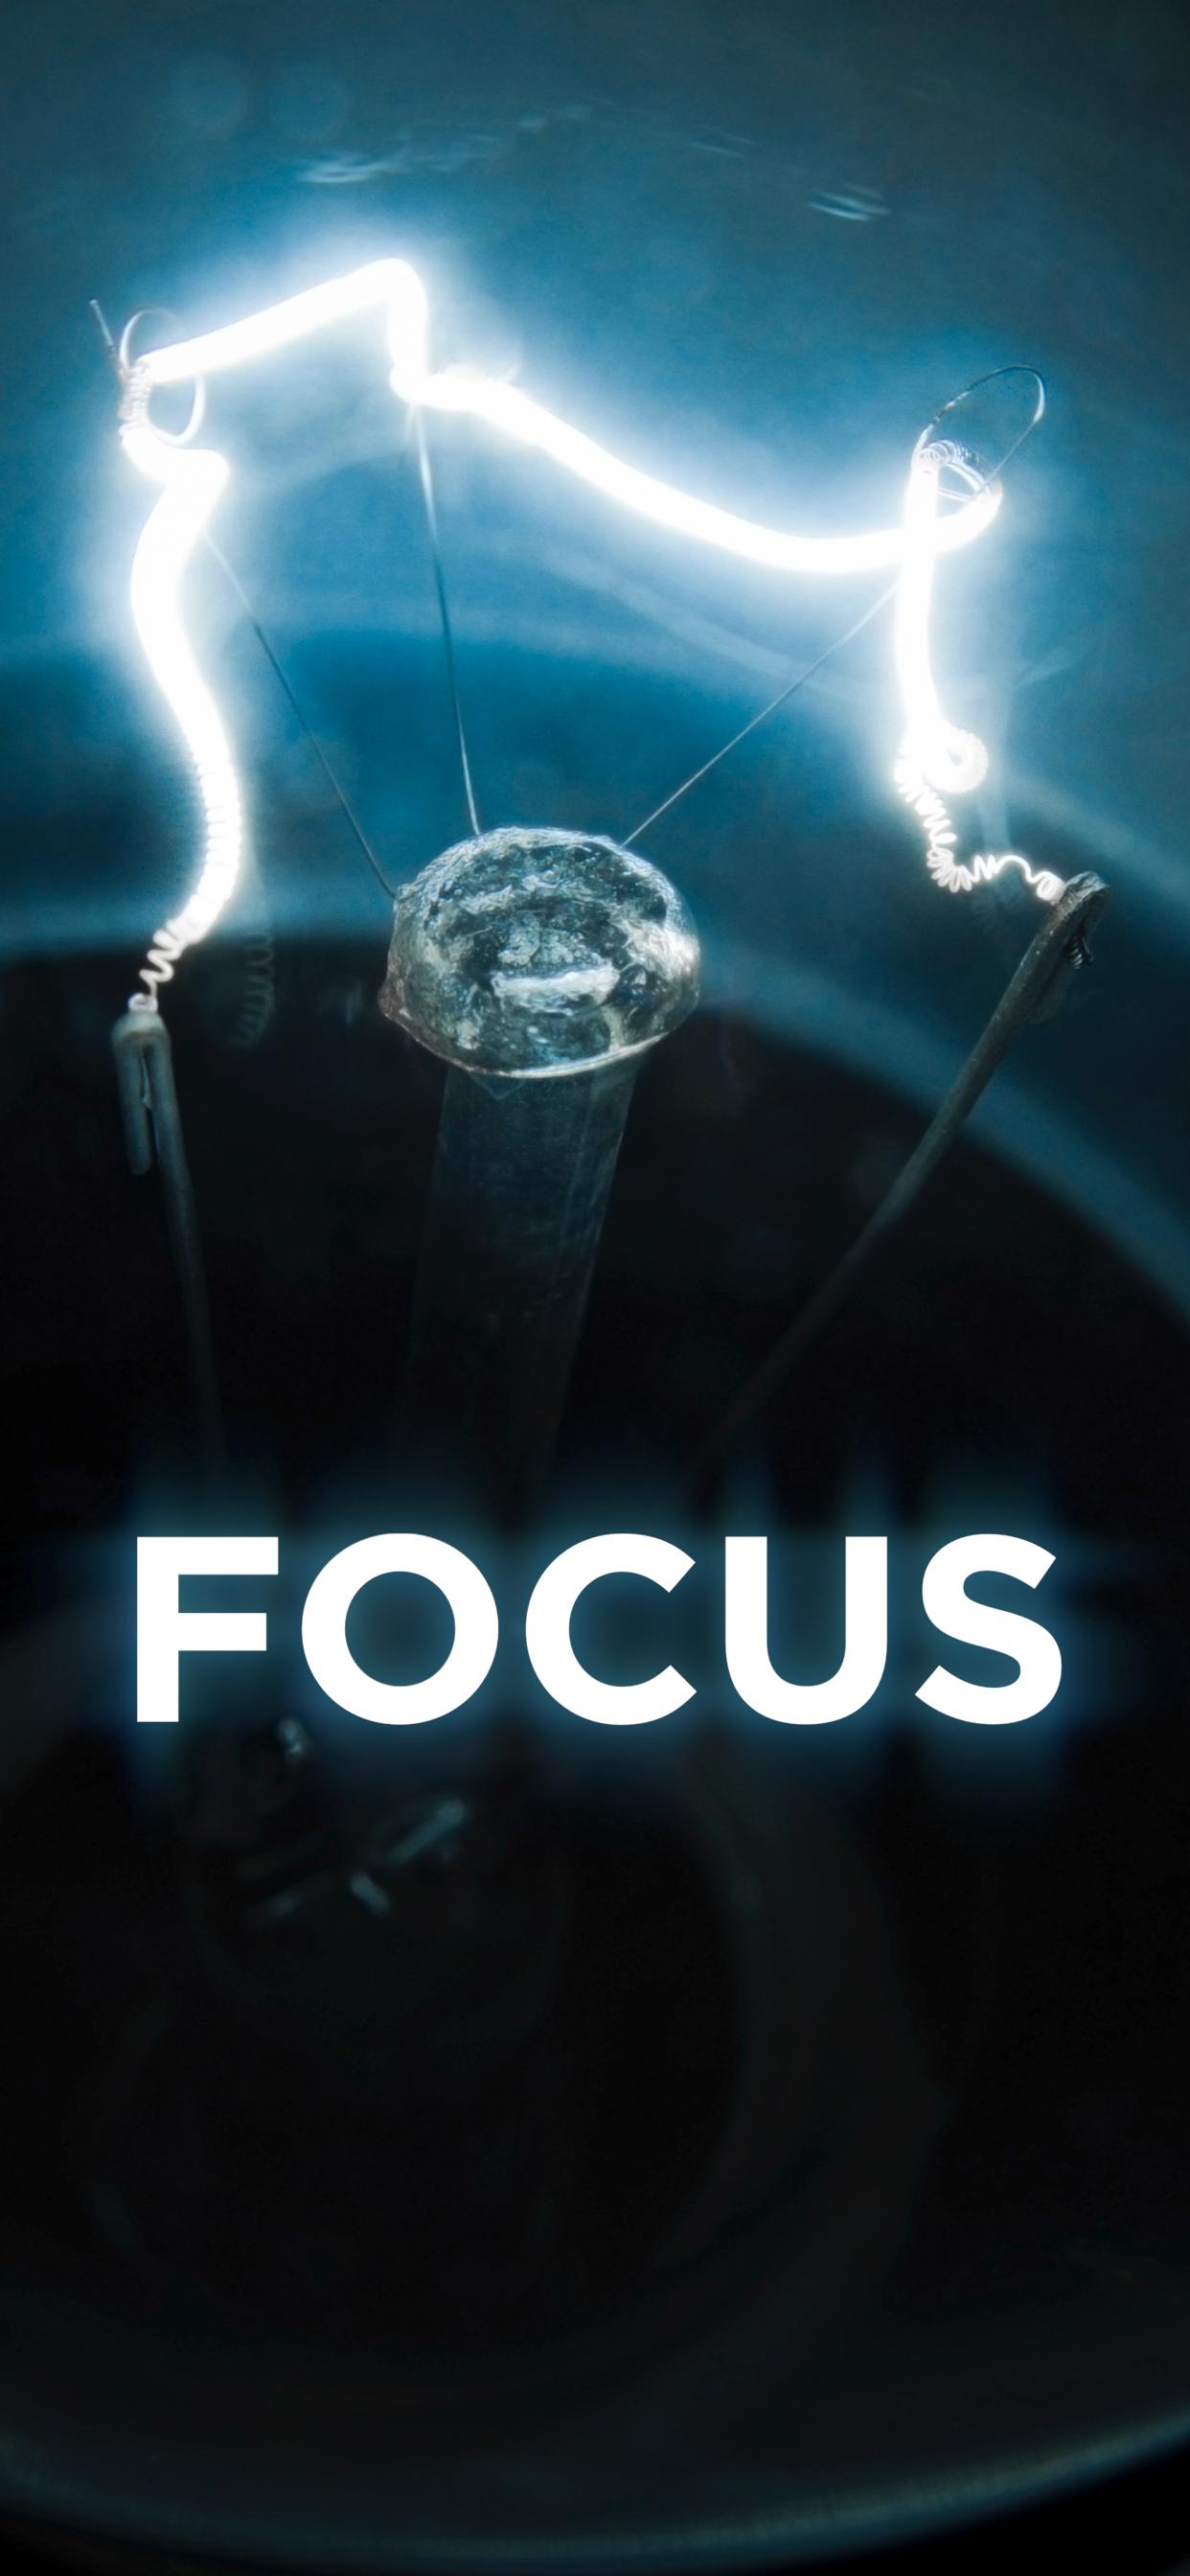 iphone-focus-background-8